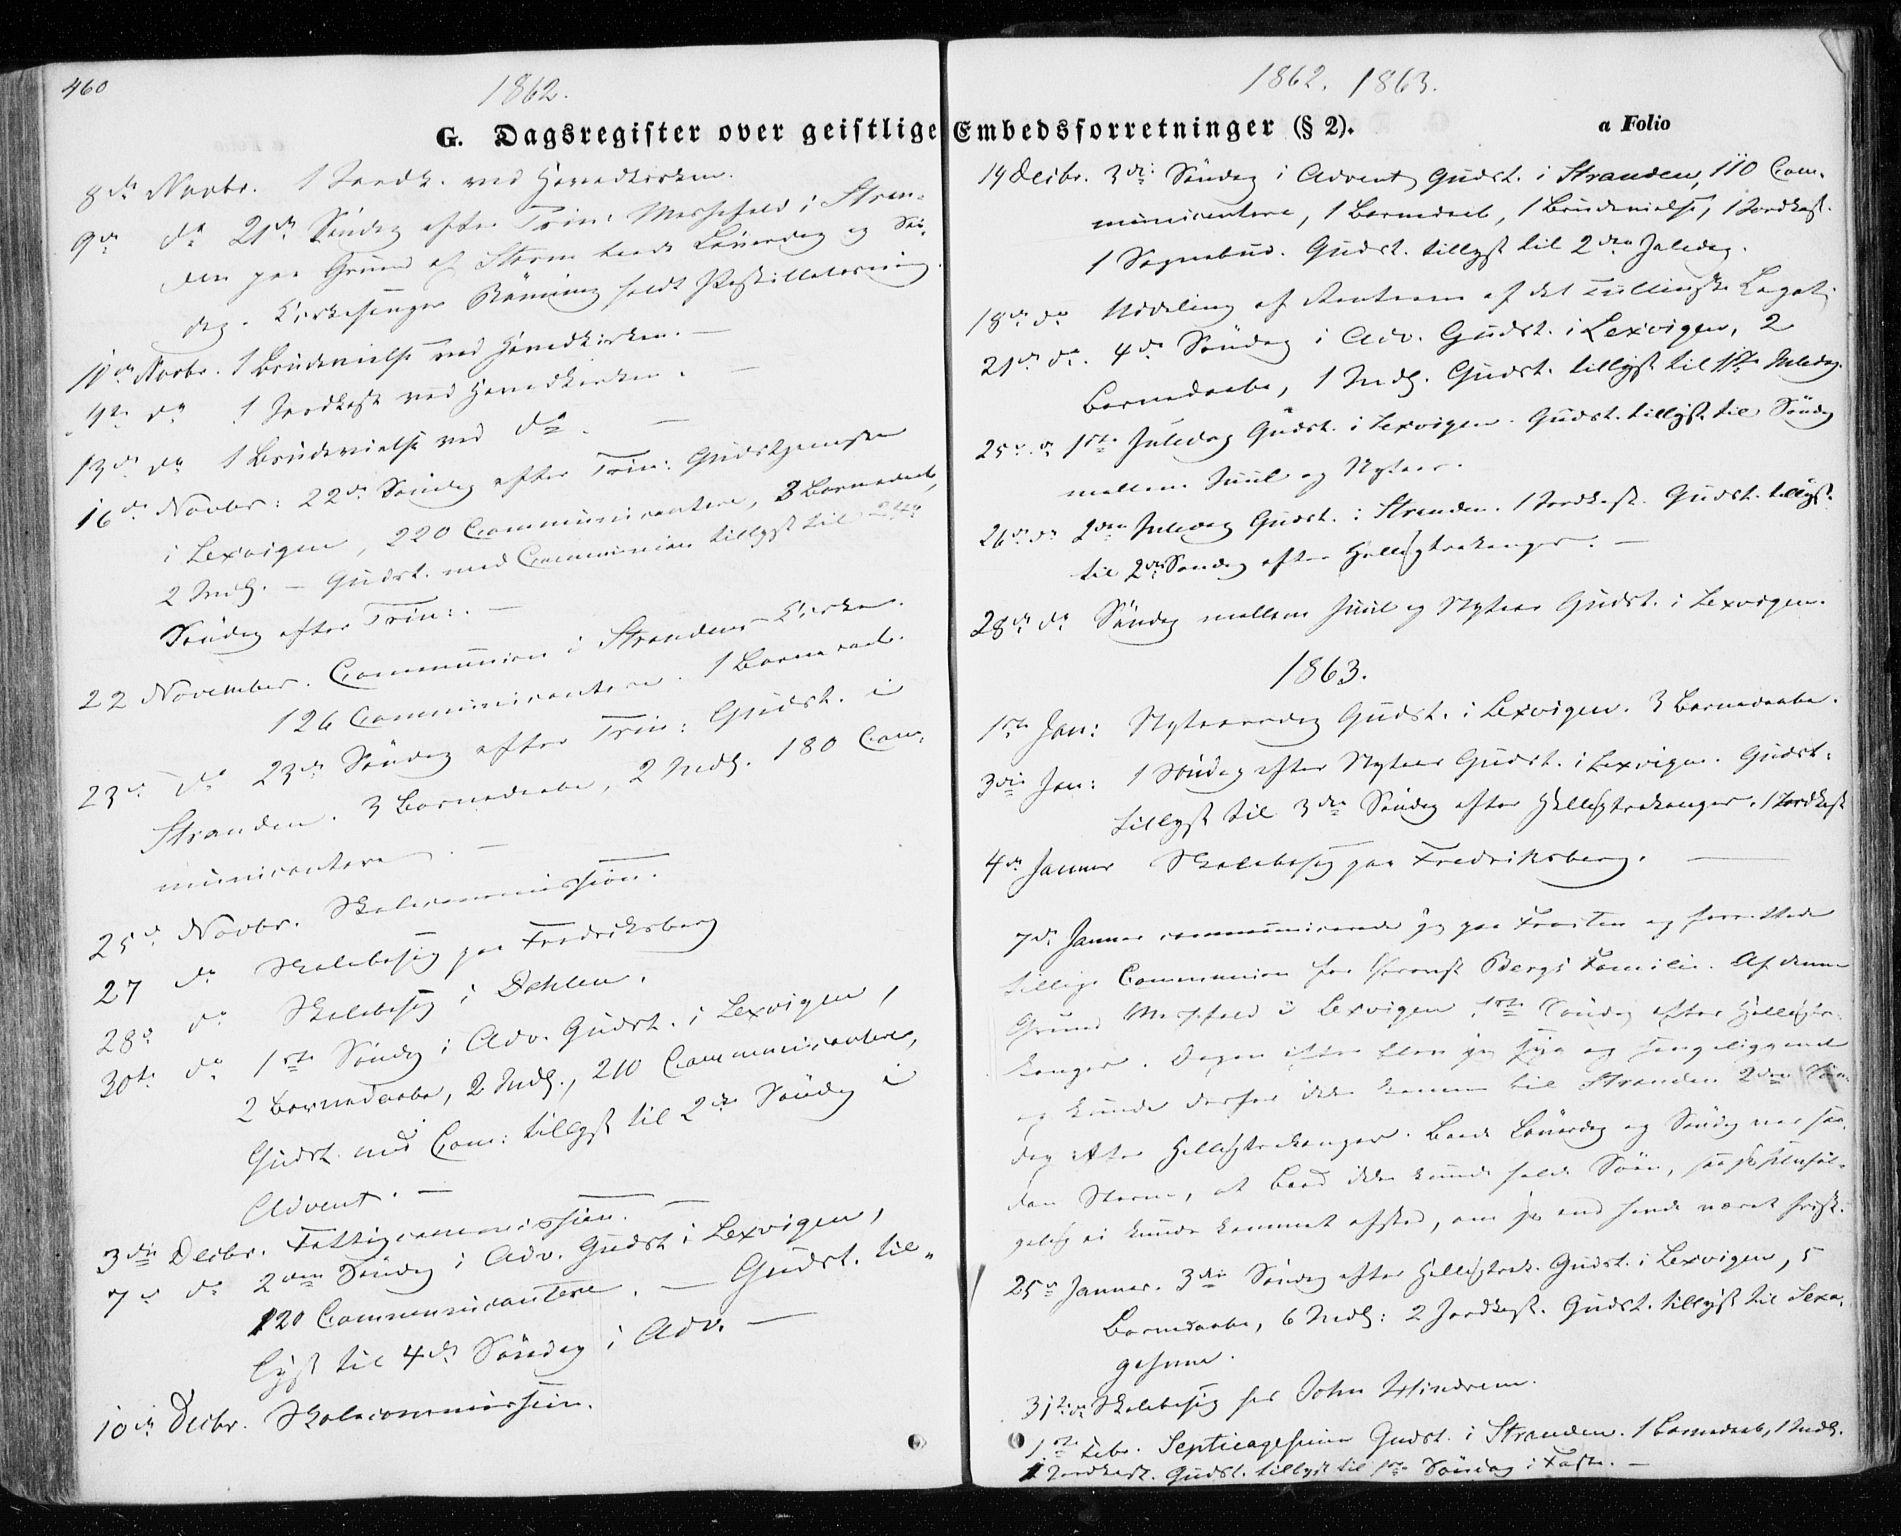 SAT, Ministerialprotokoller, klokkerbøker og fødselsregistre - Nord-Trøndelag, 701/L0008: Ministerialbok nr. 701A08 /1, 1854-1863, s. 460